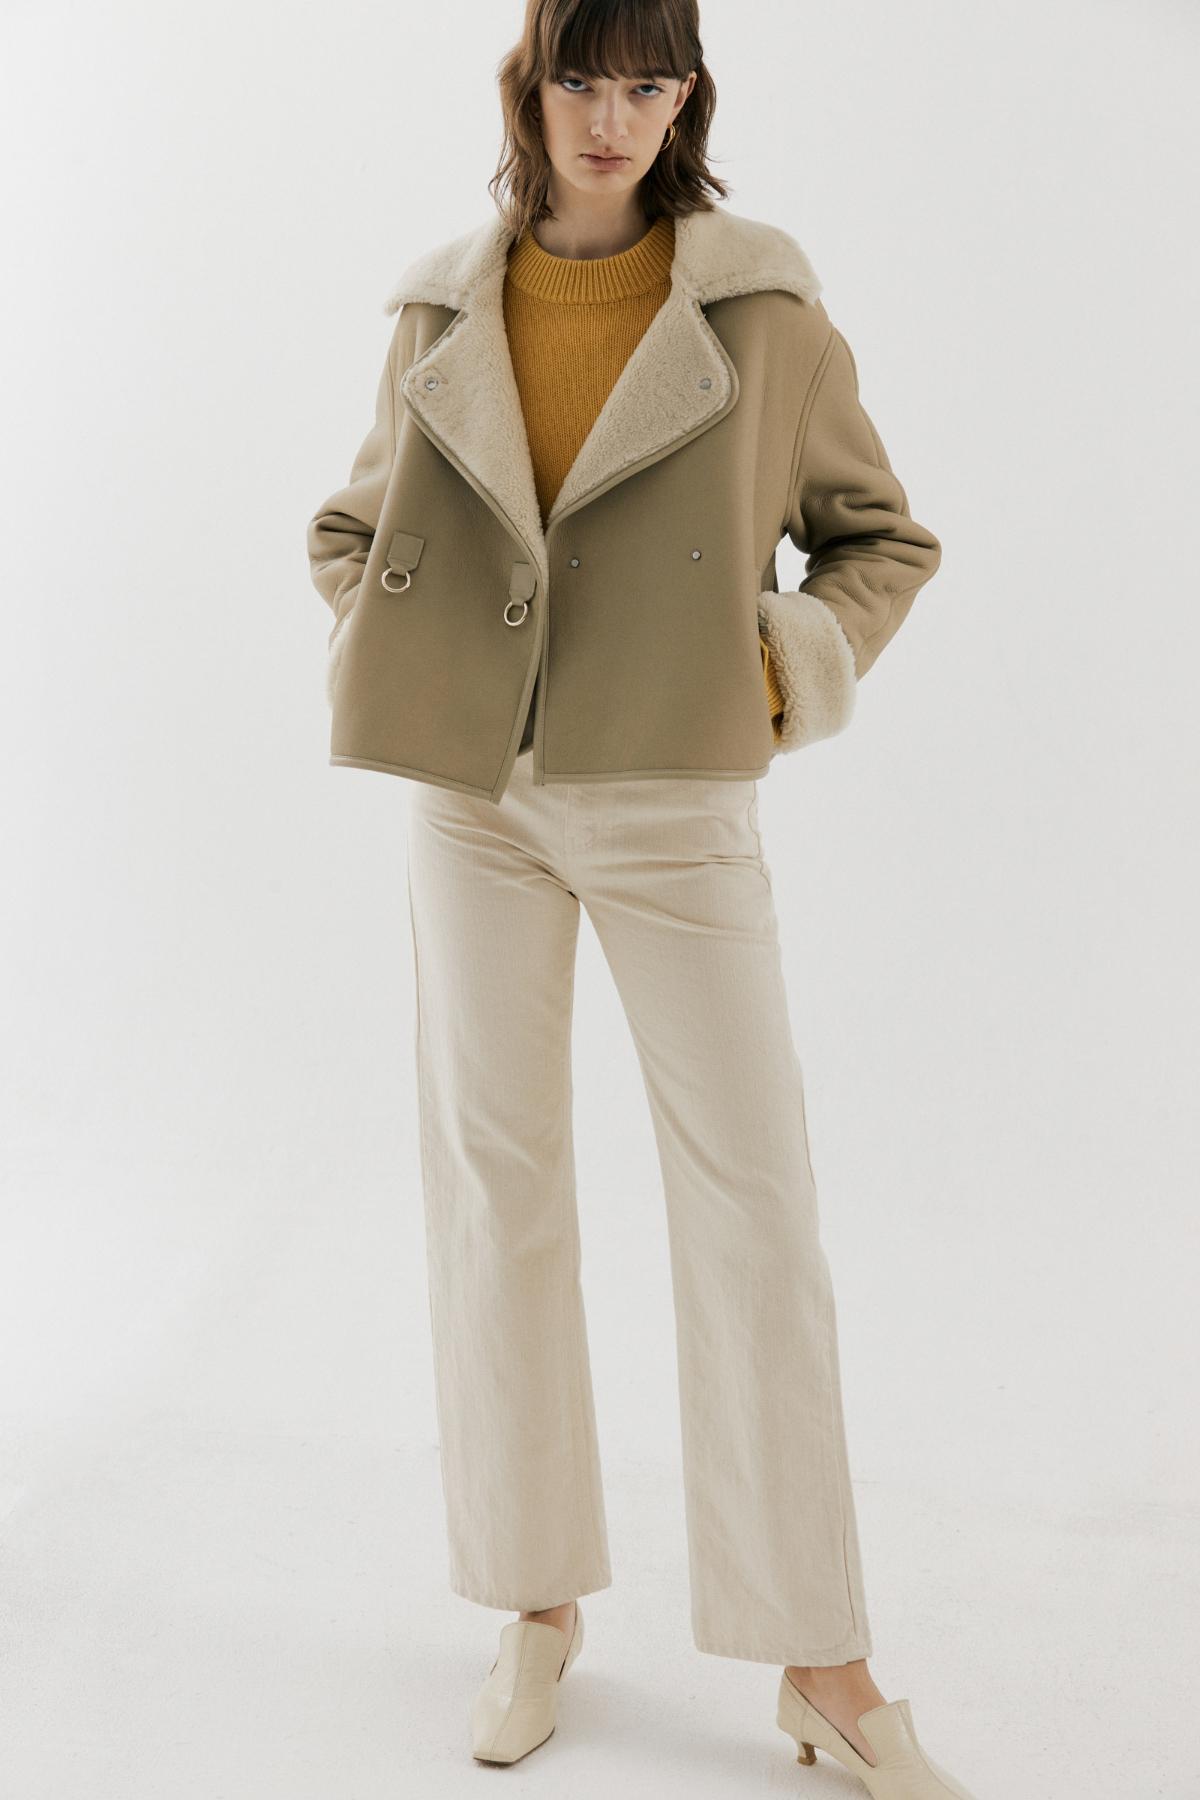 바지 모델 착용 이미지-S19L1